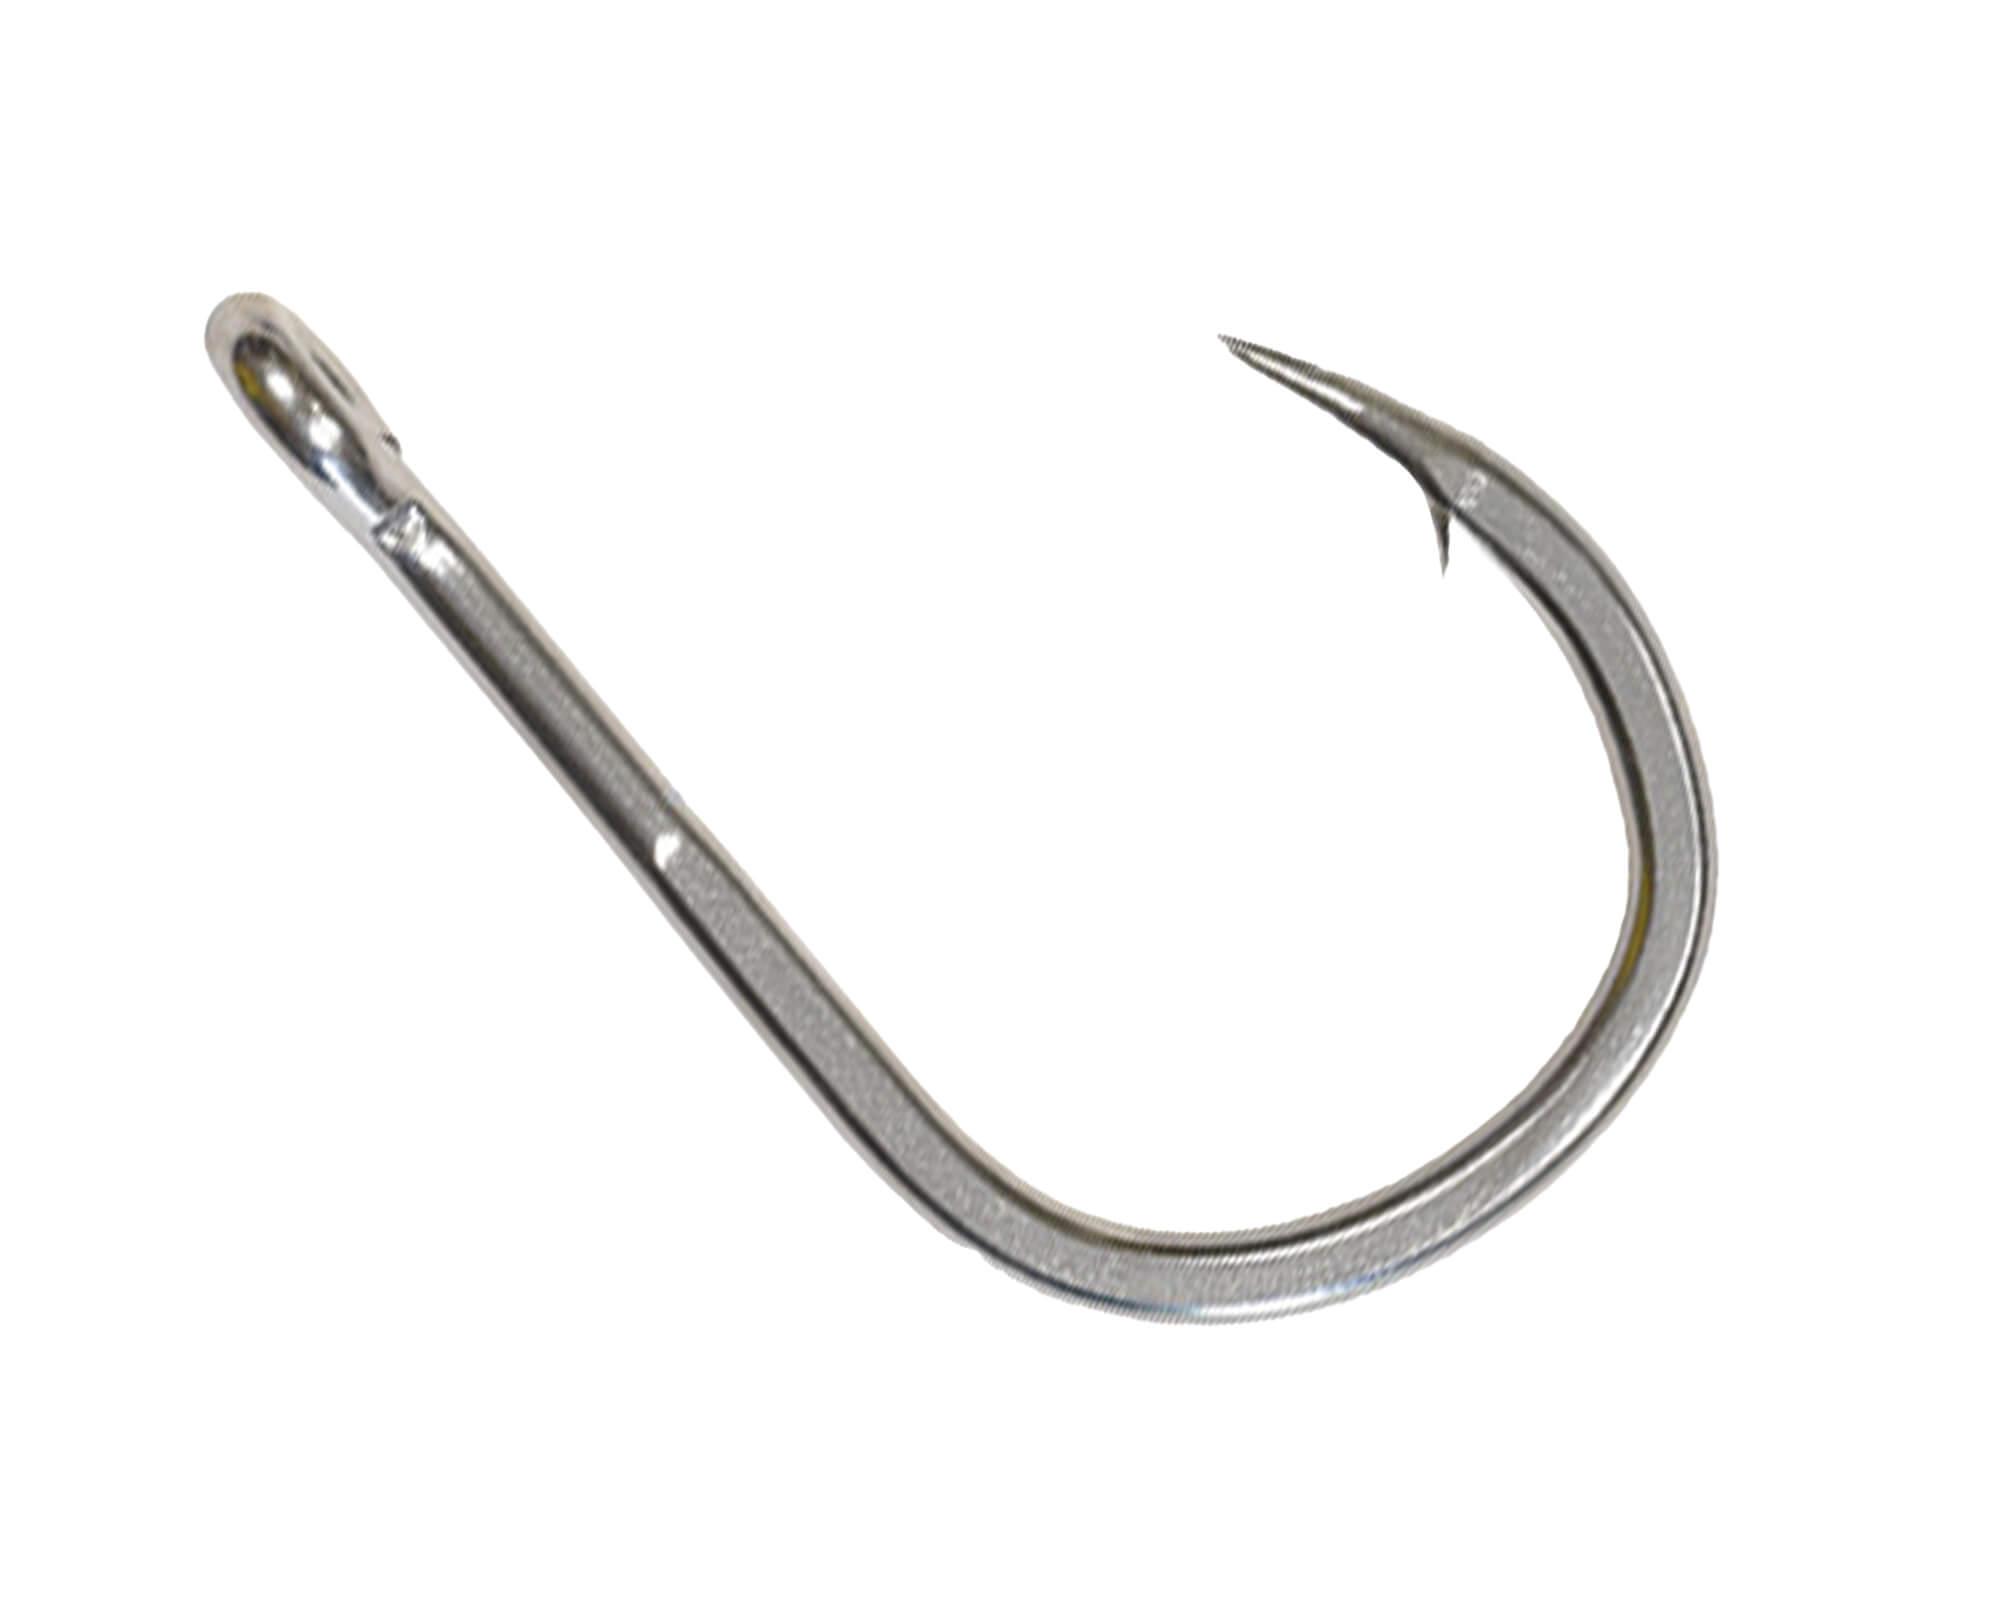 Pakula Dojo Hooks - Extra Heavy hooks for BIG MARLIN!